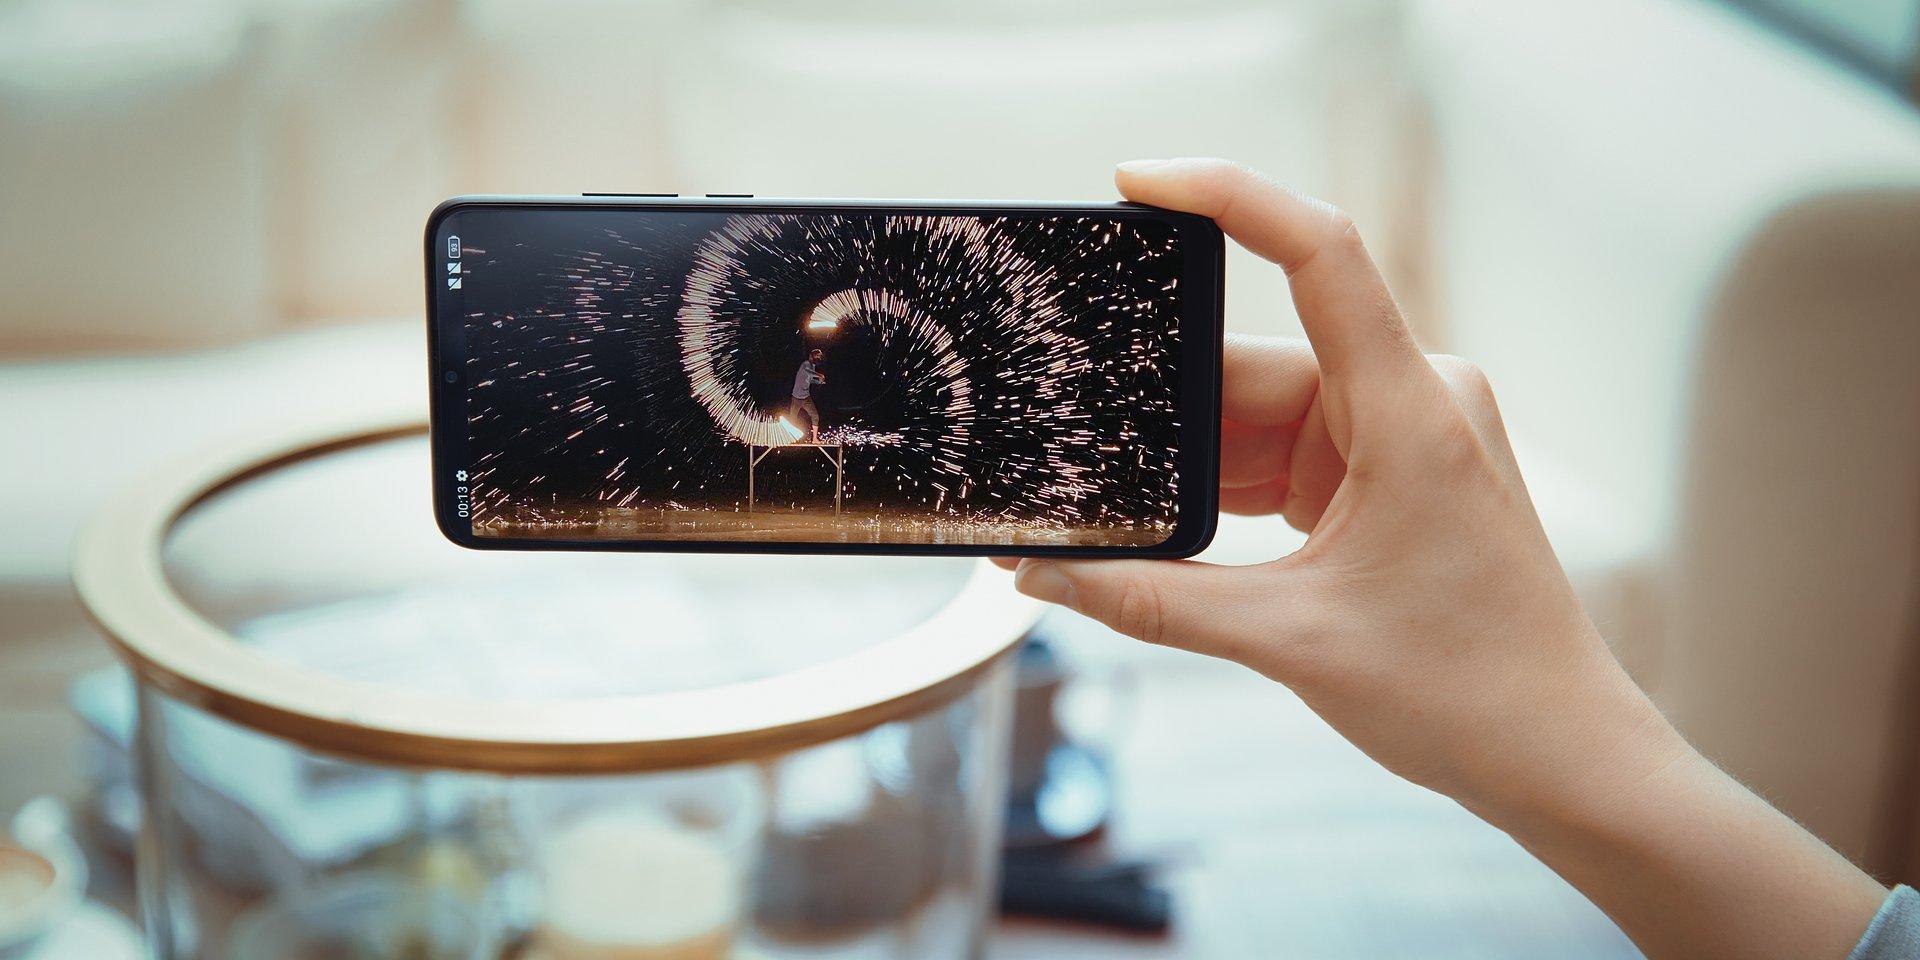 Dobry smartfon nie musi być drogi - na co zwrócić uwagę porównując modele z niższej półki cenowej?